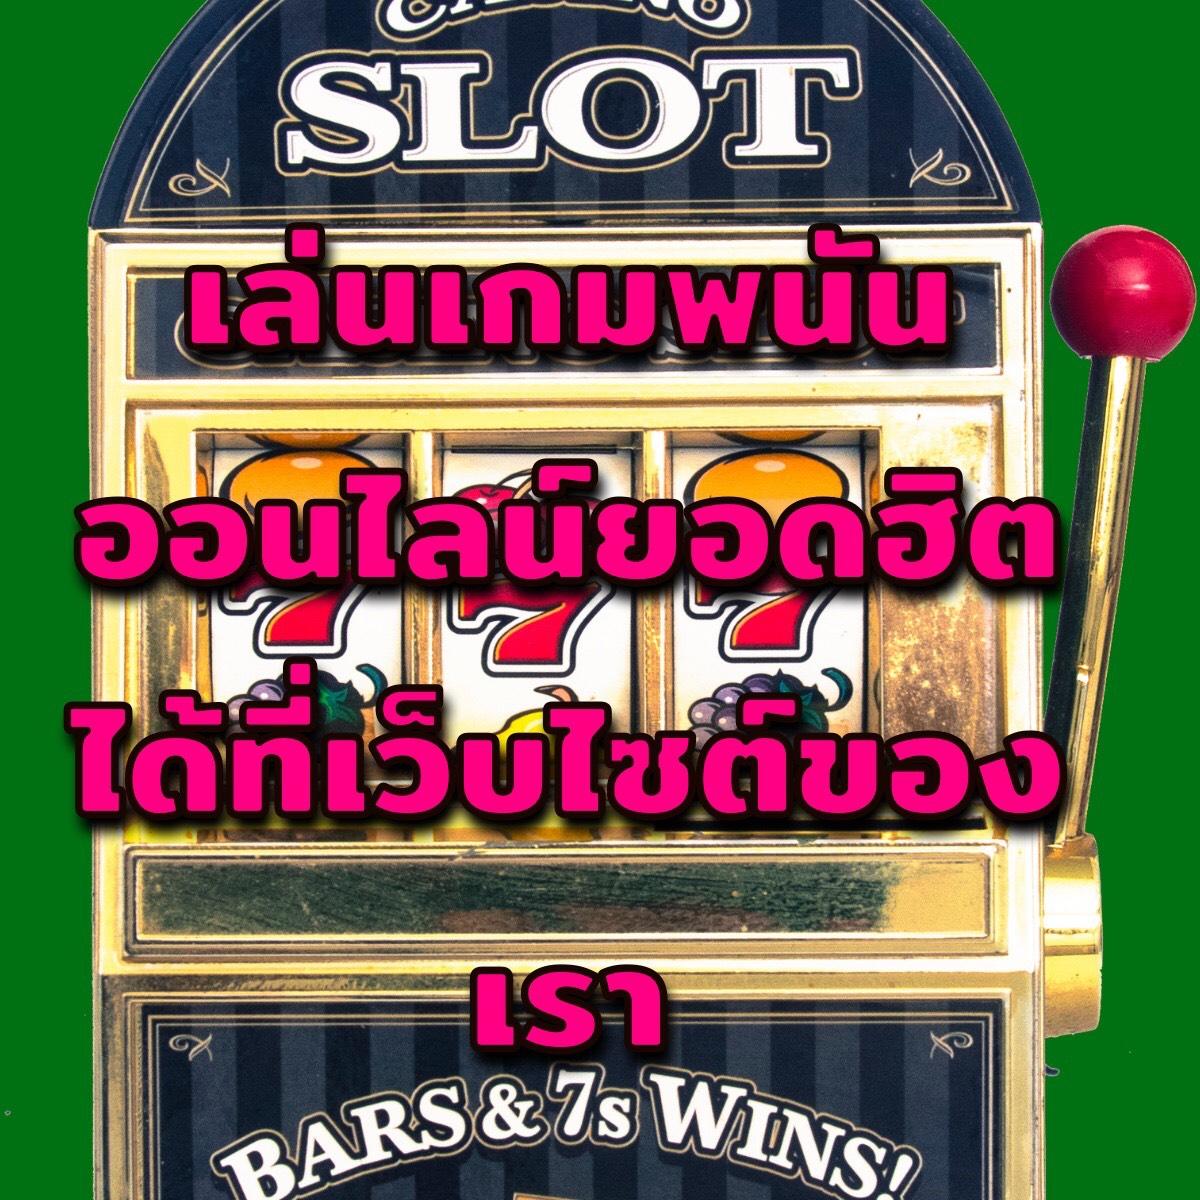 Slot game gambling